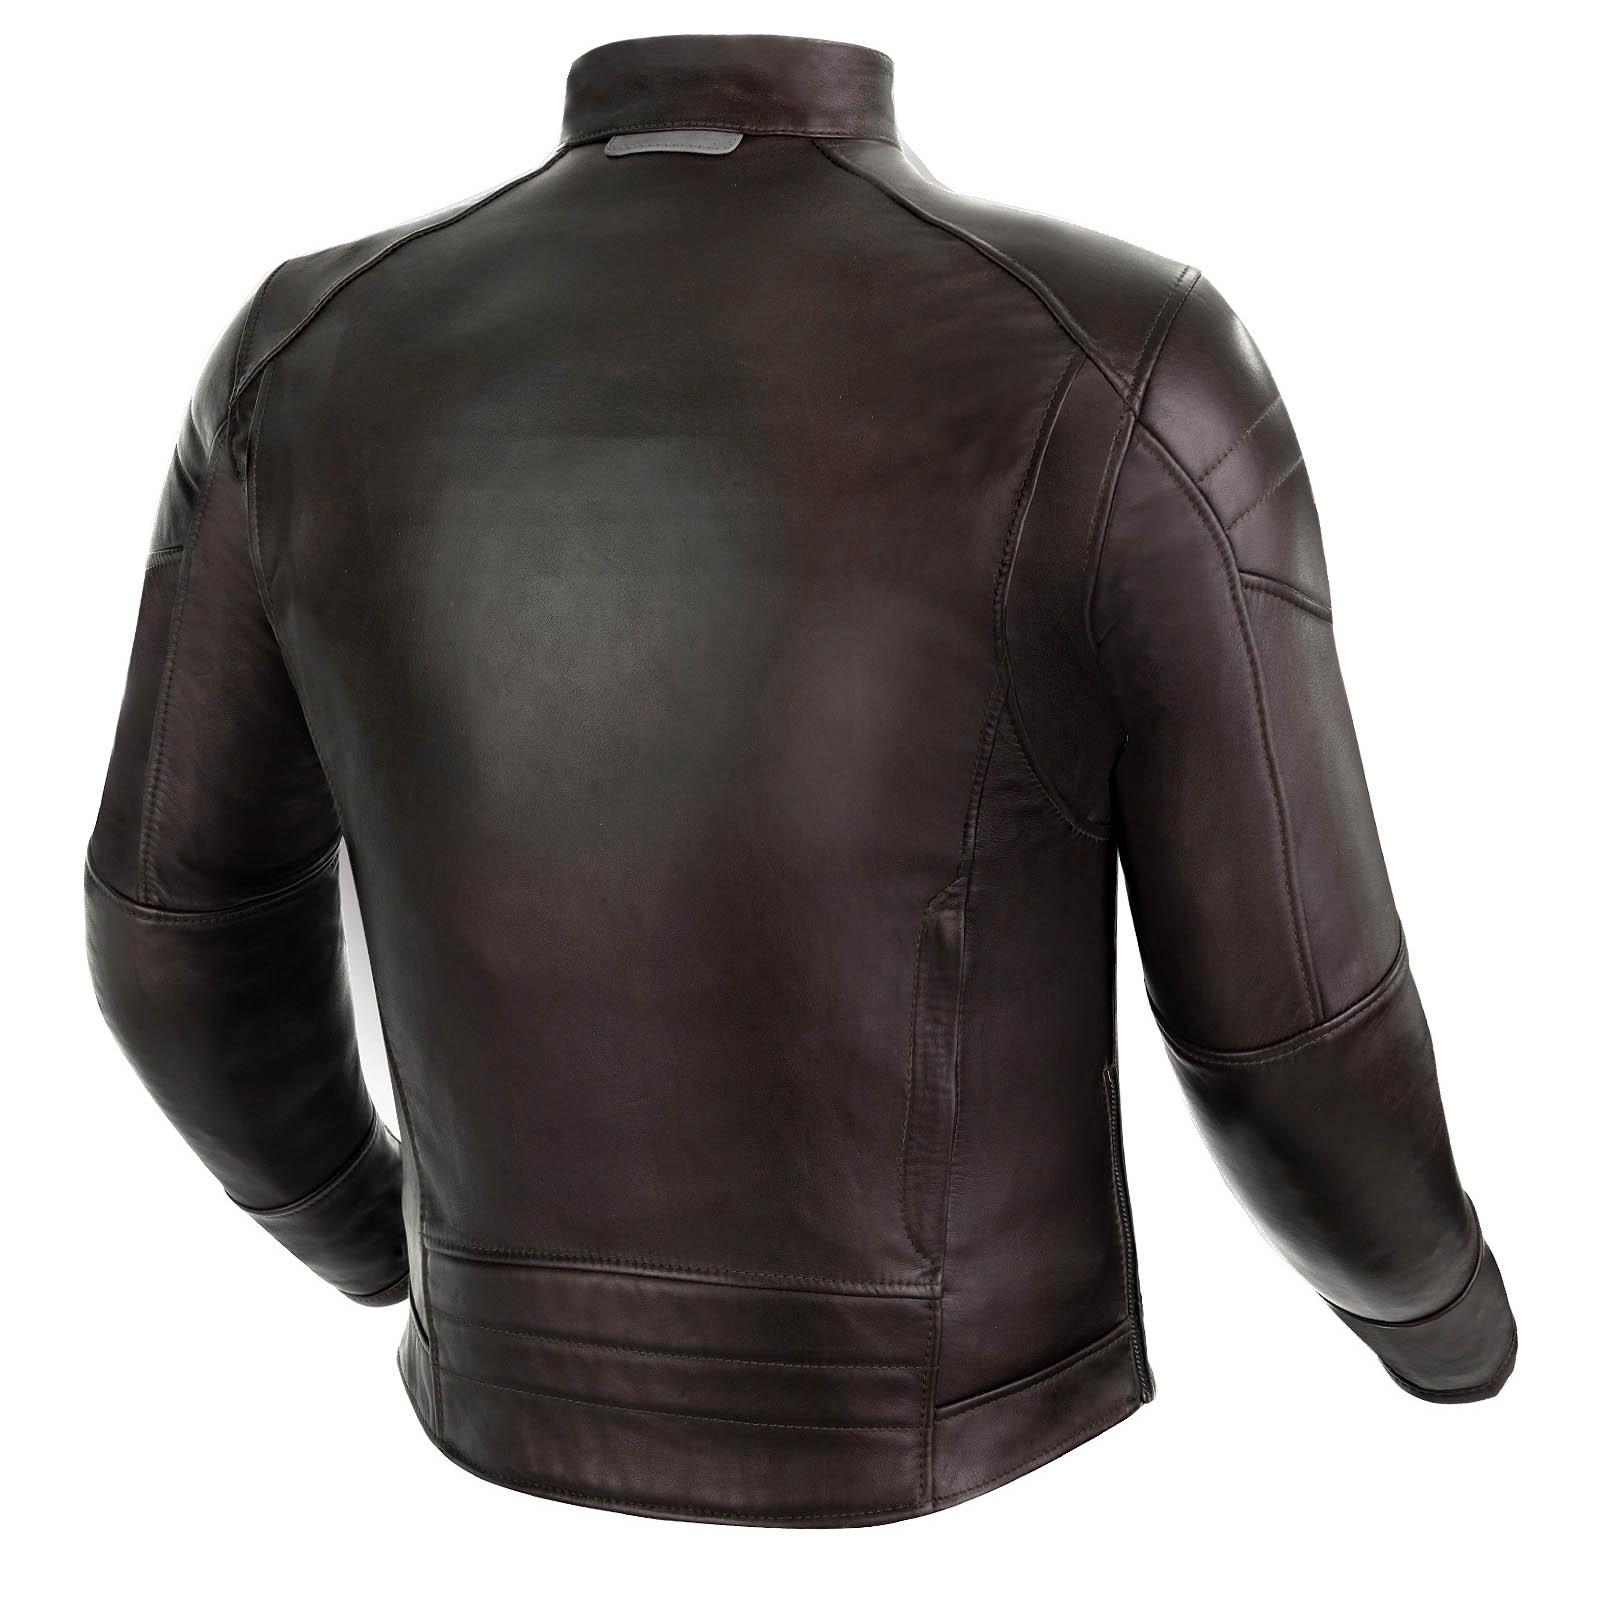 Куртка кожаная SHIMA BLAKE вид сзади для мотоциклистов купить по низкой цене